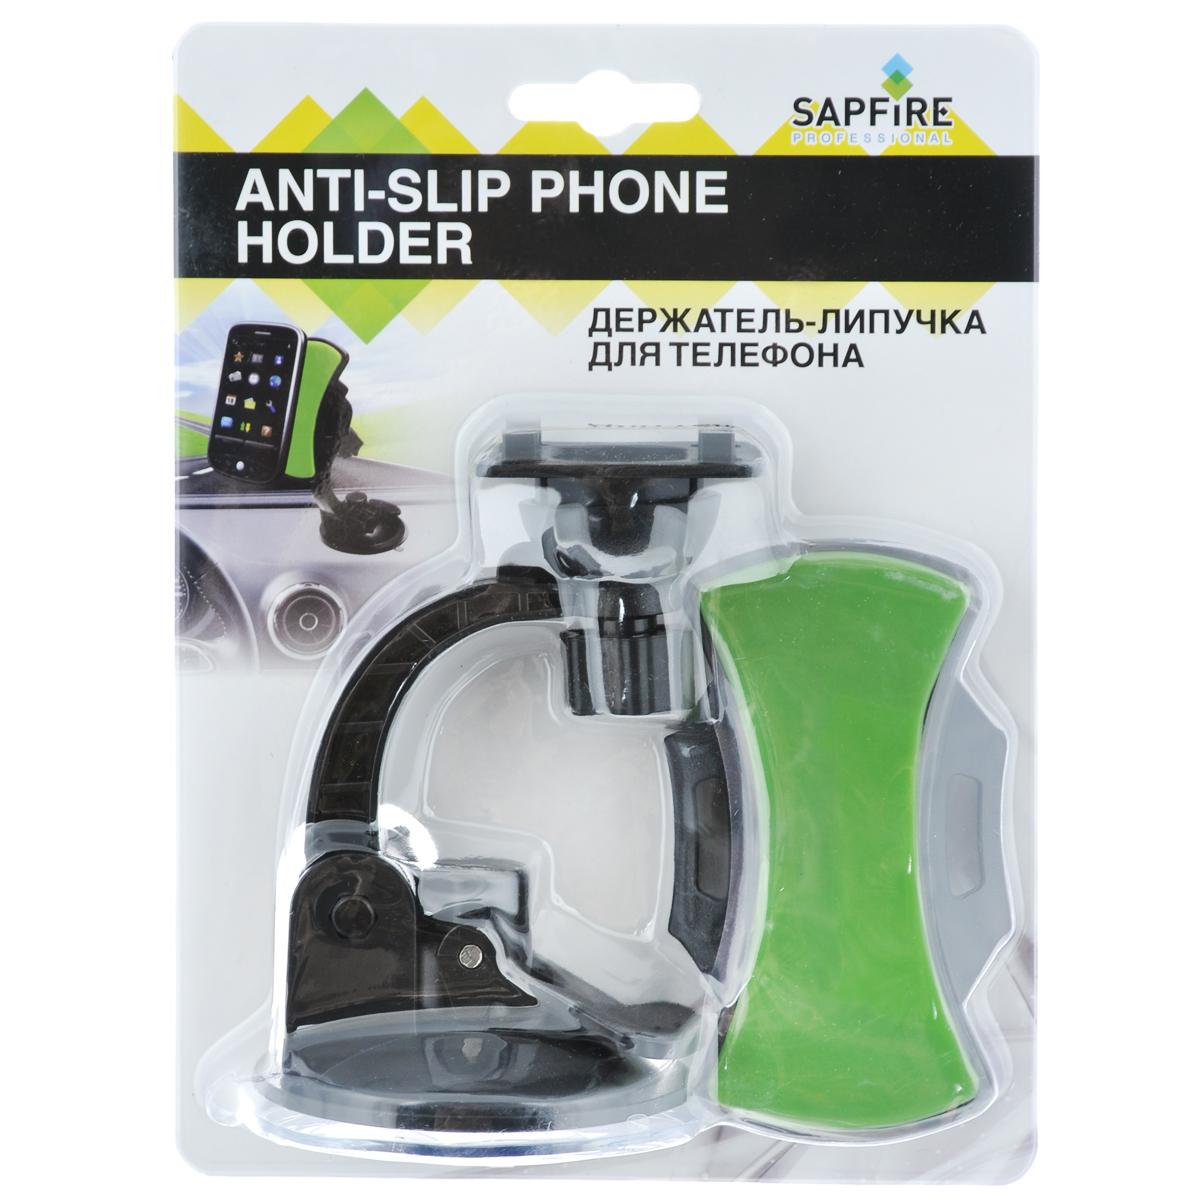 """Держатель-липучка для телефона """"Sapfire"""", цвет: черный, зеленый"""